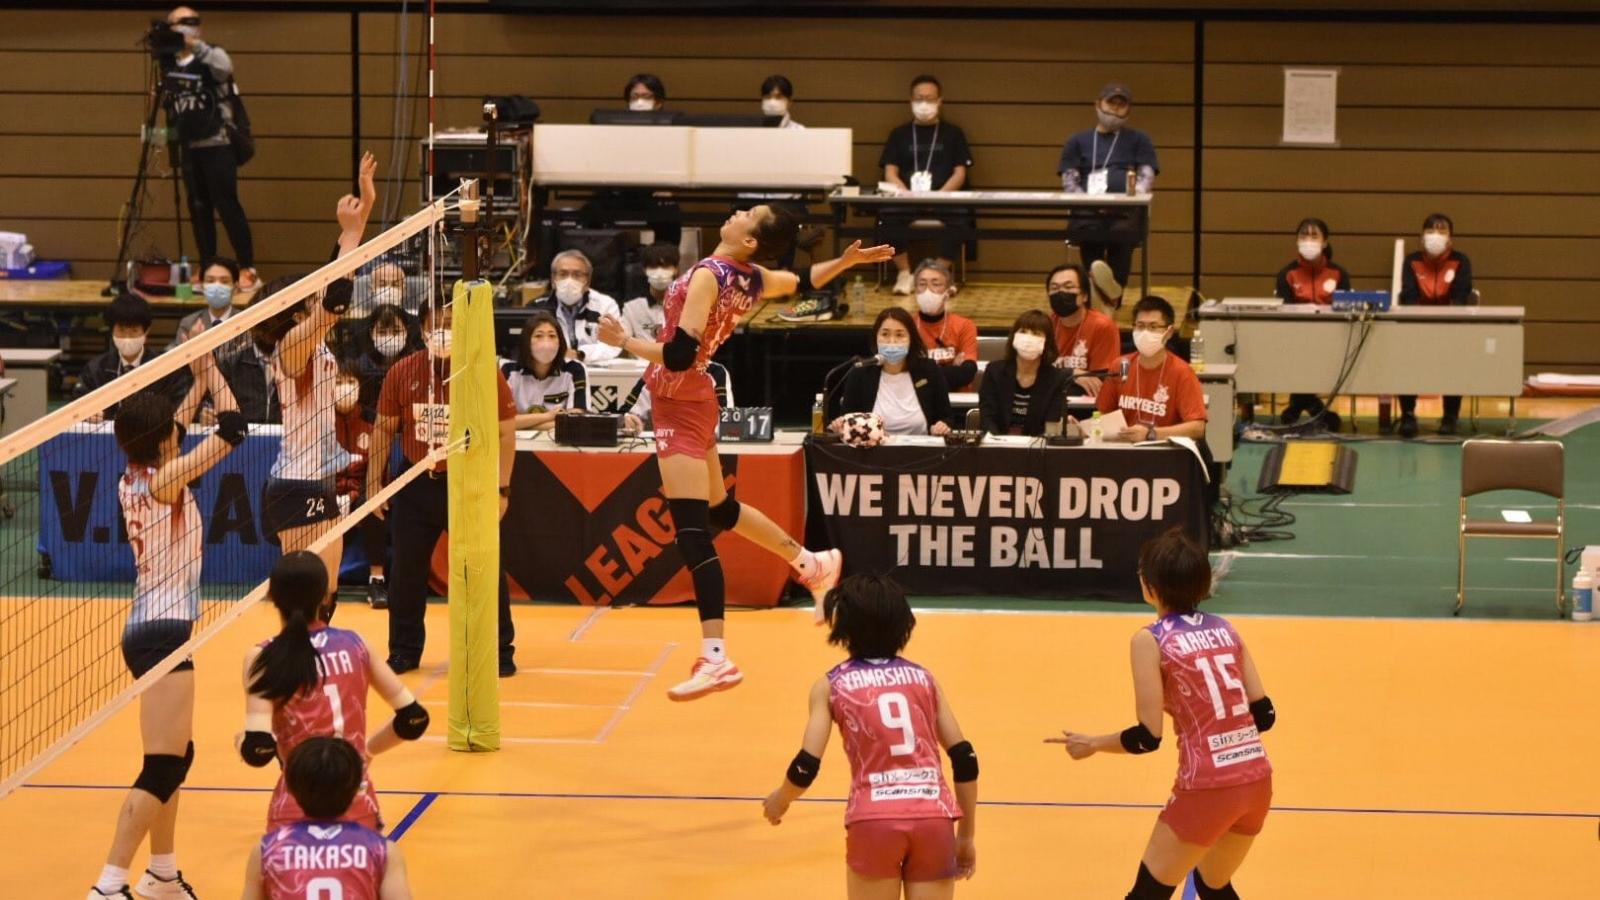 VĐV bóng chuyền Thanh Thúy tỏa sáng ở Nhật Bản